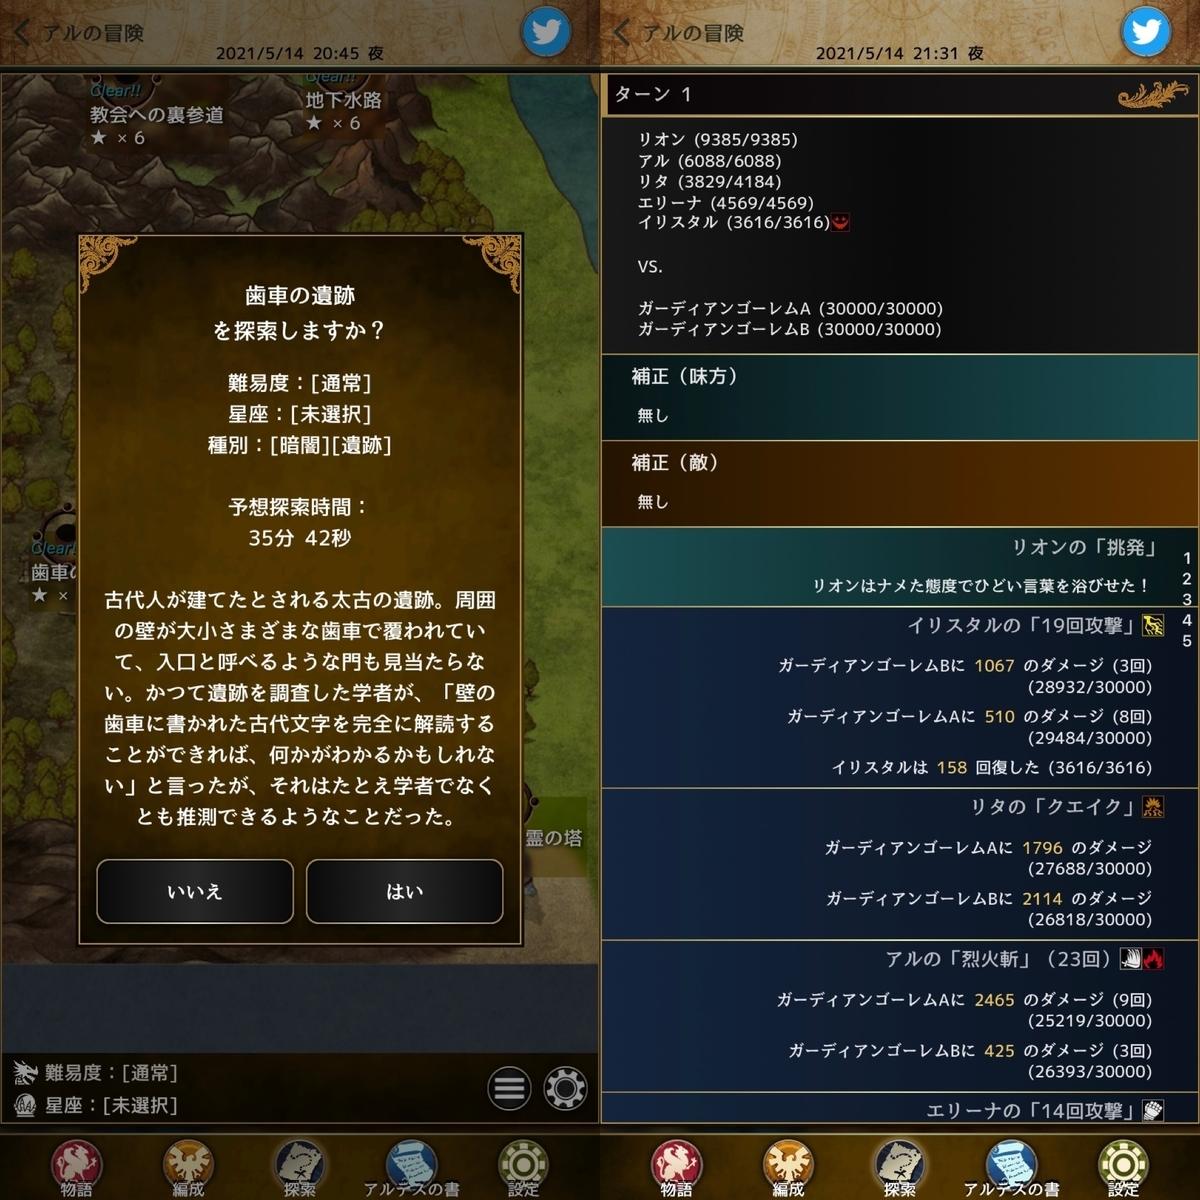 f:id:asamushi:20210519144920j:plain